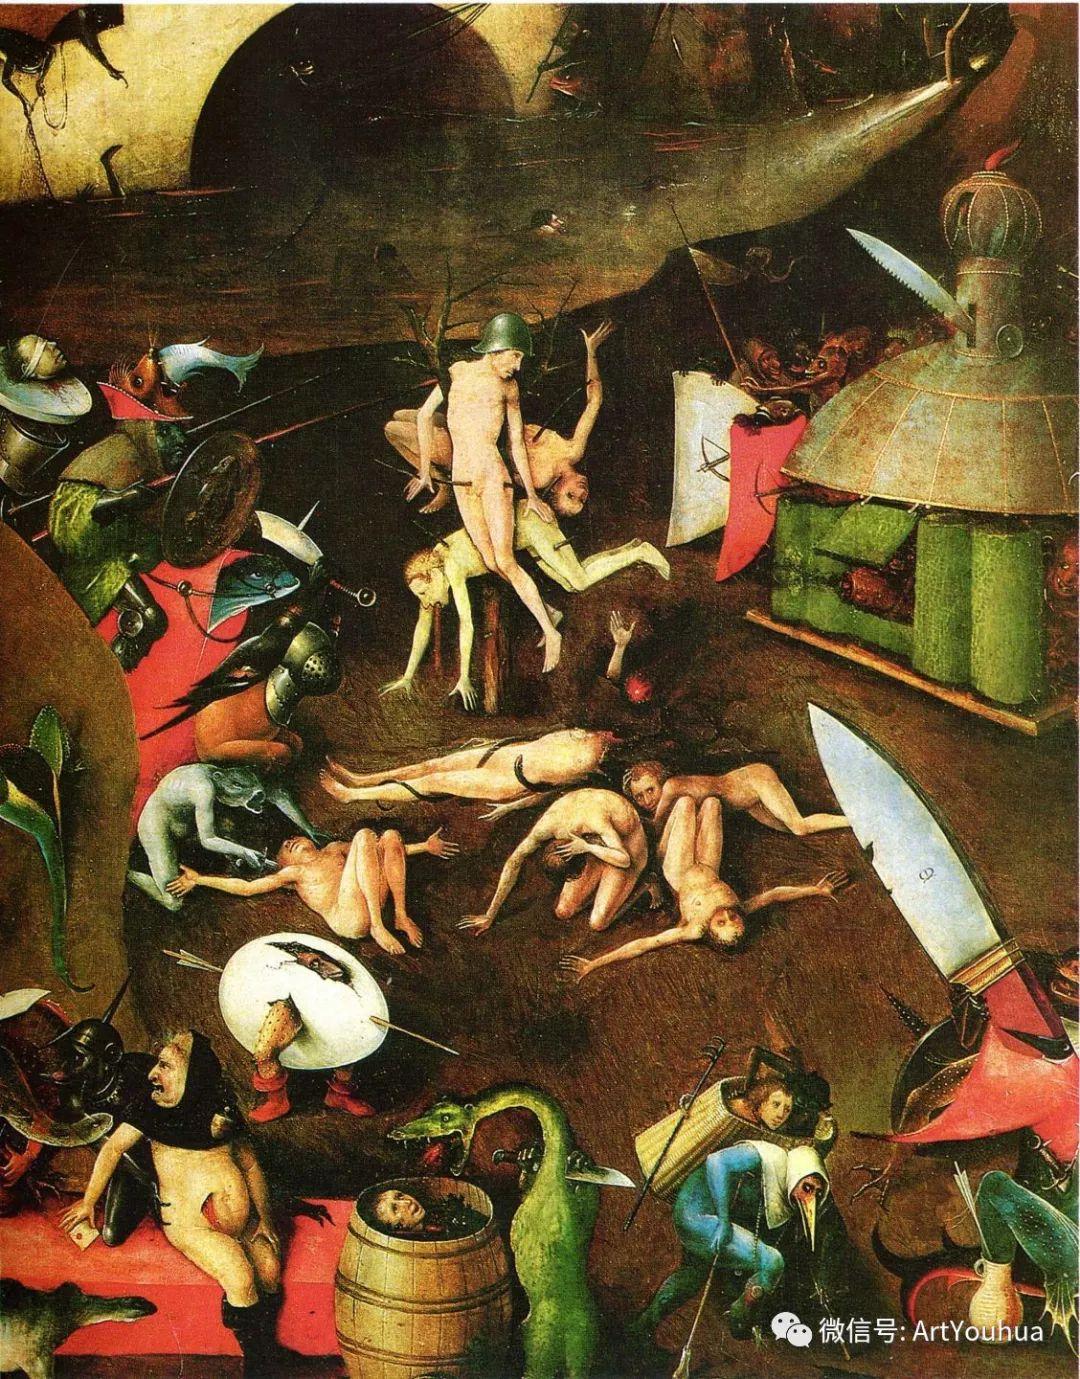 连载No.3 一生要知道的100位世界著名画家之希罗尼穆斯·波希插图1